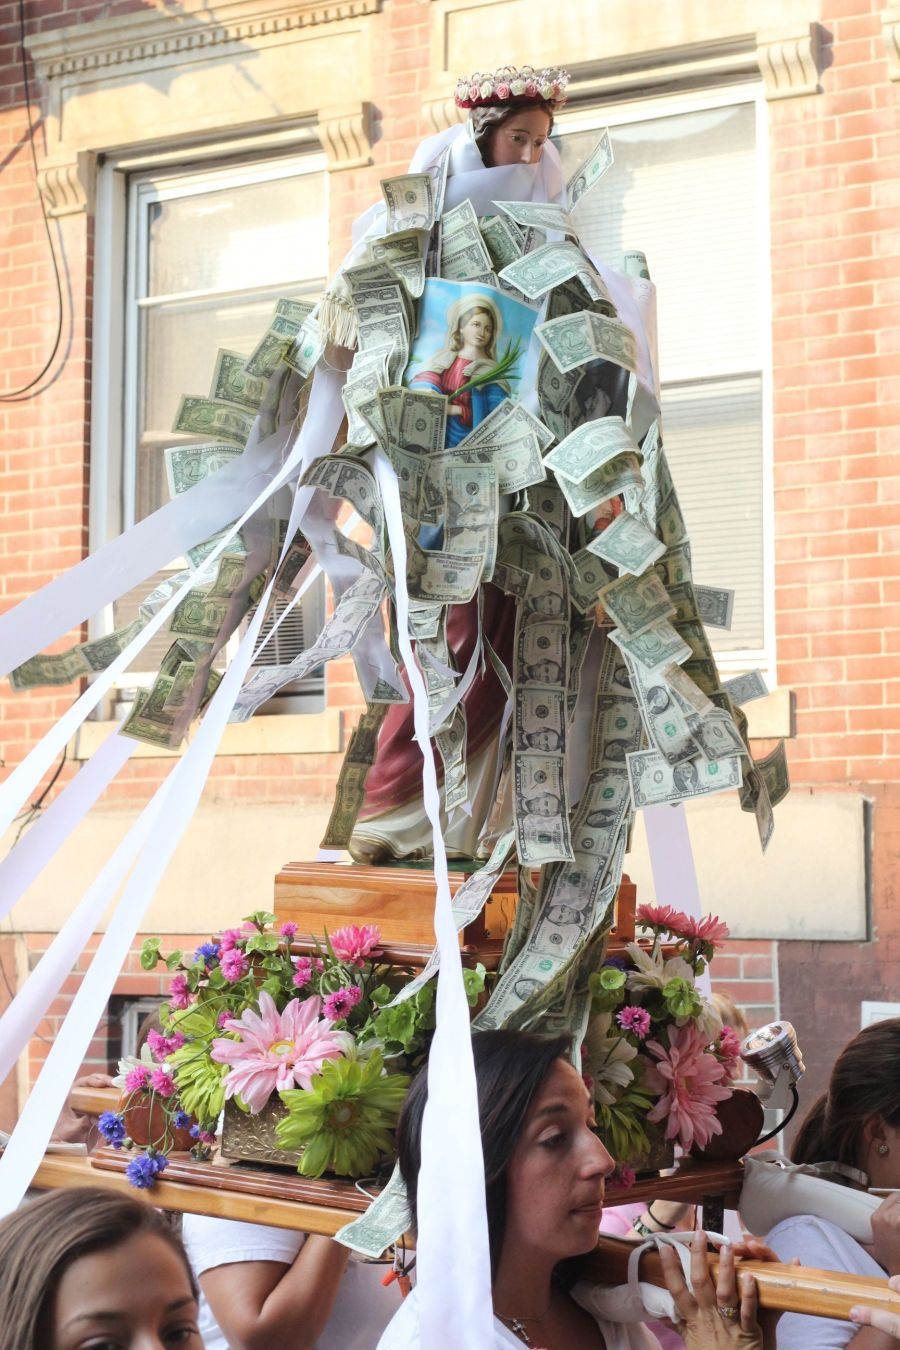 boston north end santa lucia festival august 31 8